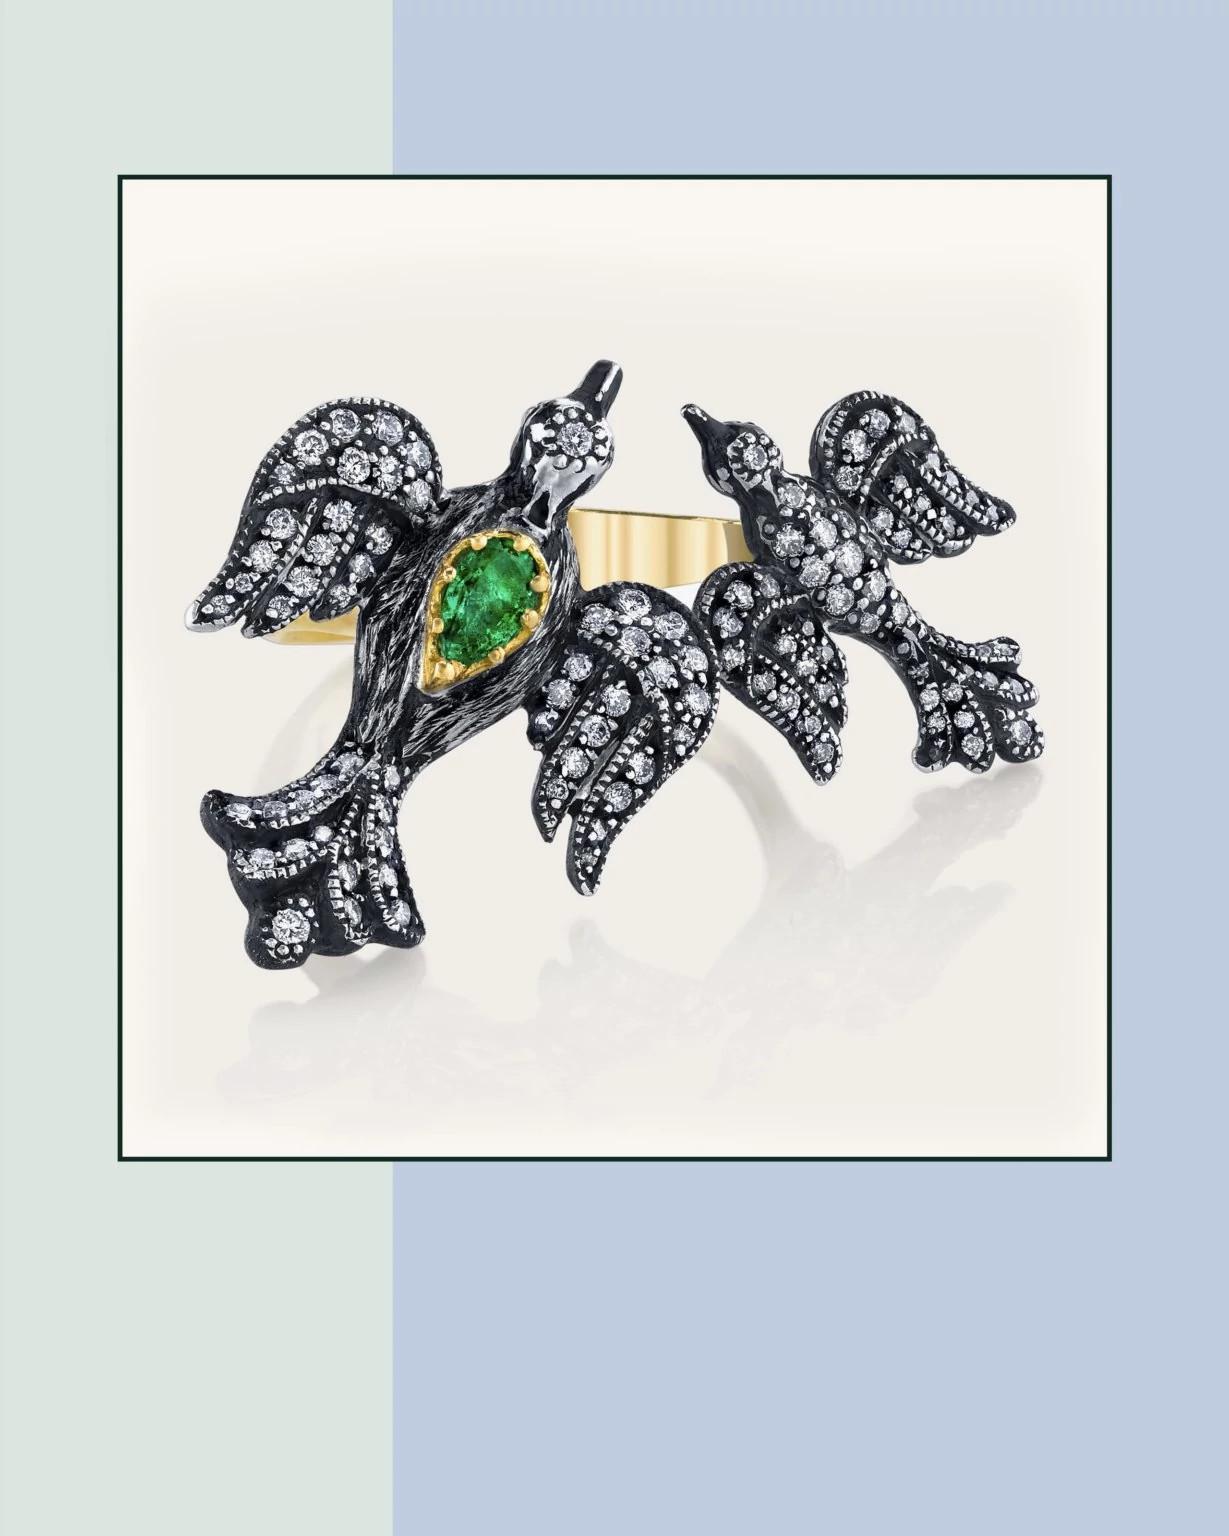 Arman Sarkisyan的天然钻石作品